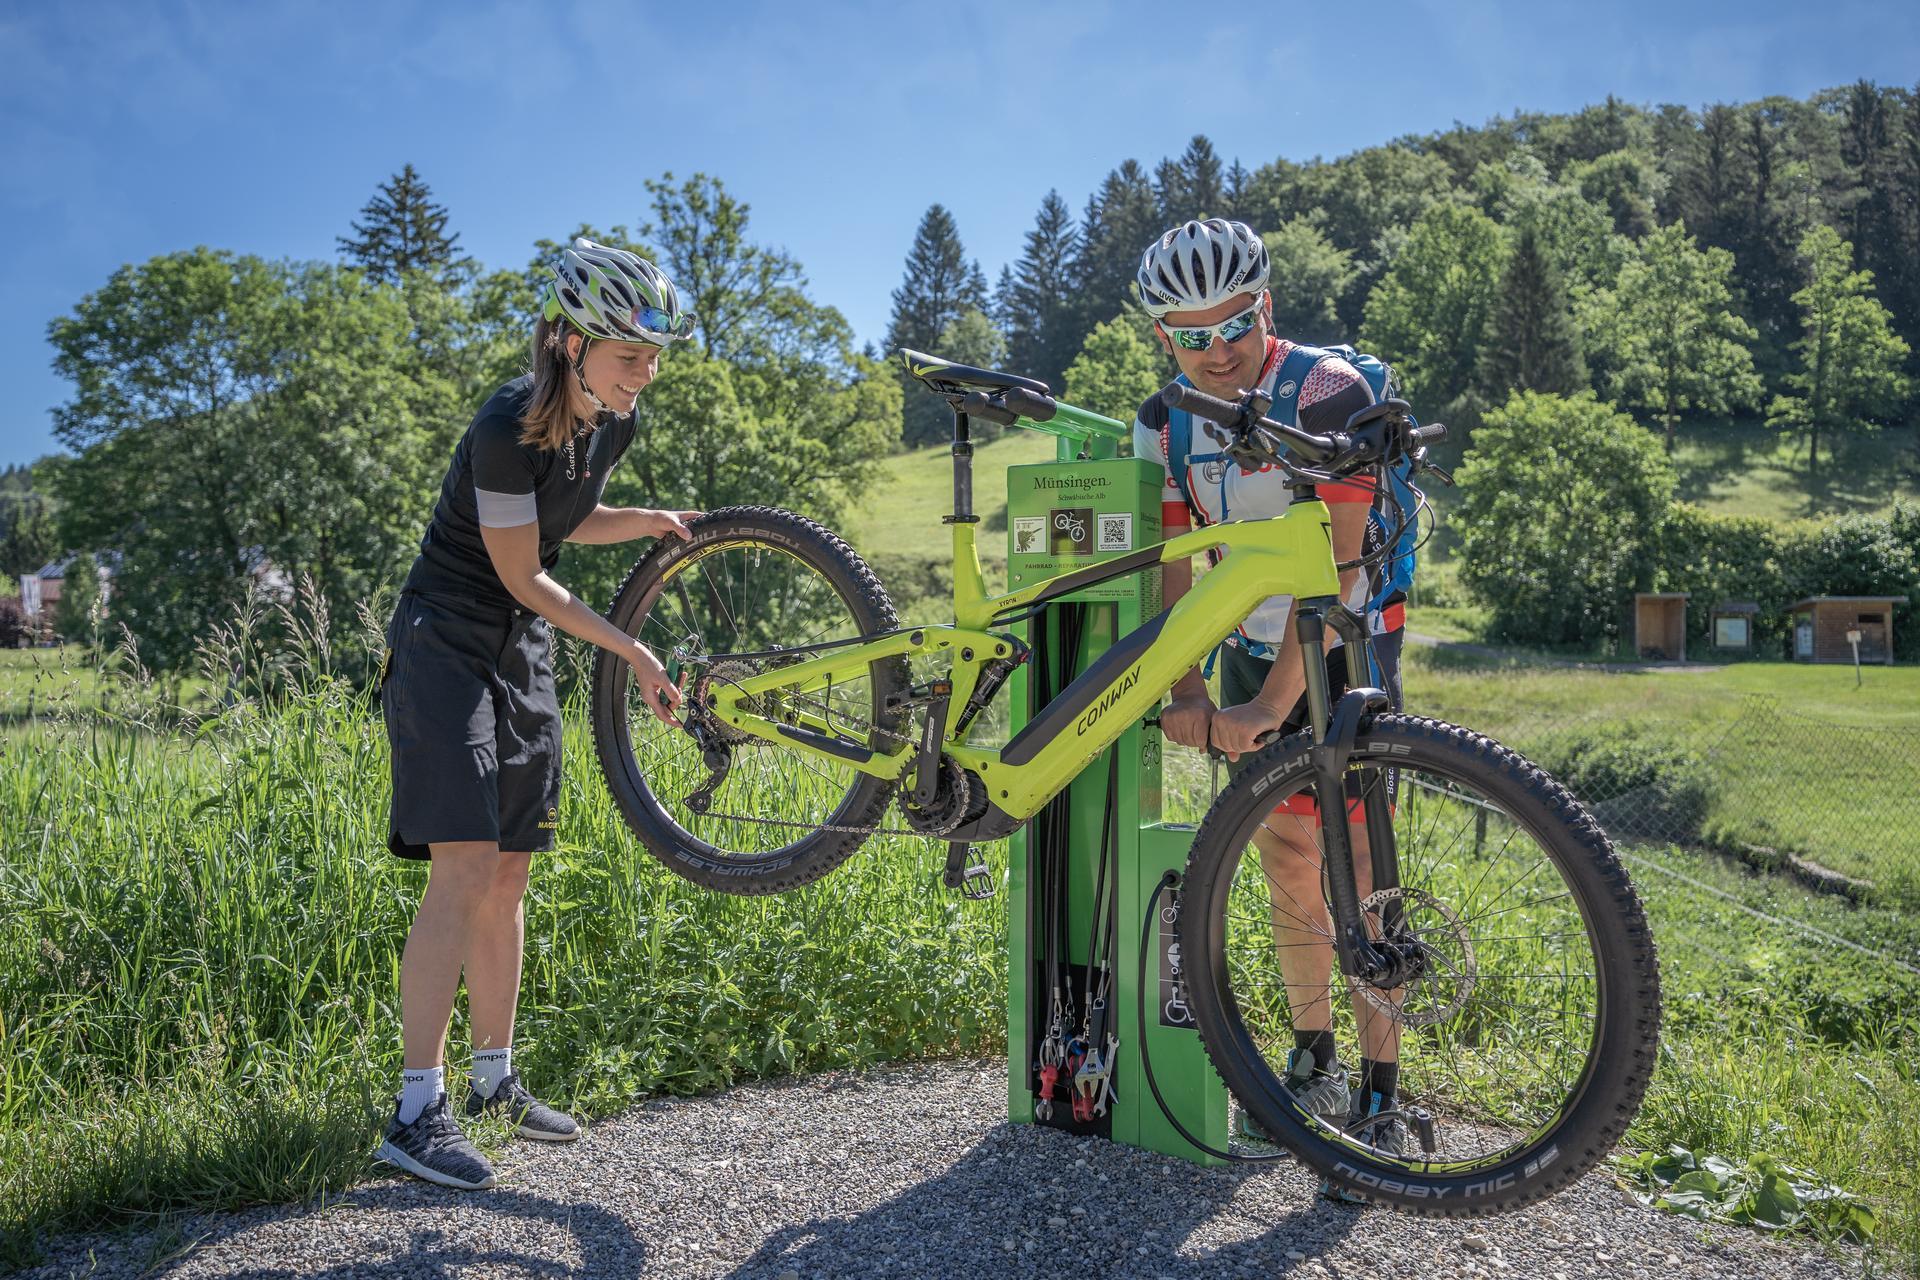 Zwei Radfahrer*innen stehen an einer Fahrradreparaturstation und hantieren an einem E-Bike, das auf dem Bikeständer hängt. Eine*r repariert die Schaltung, eine*r pumpt die Reifen auf. Es ist sonnig und warm.